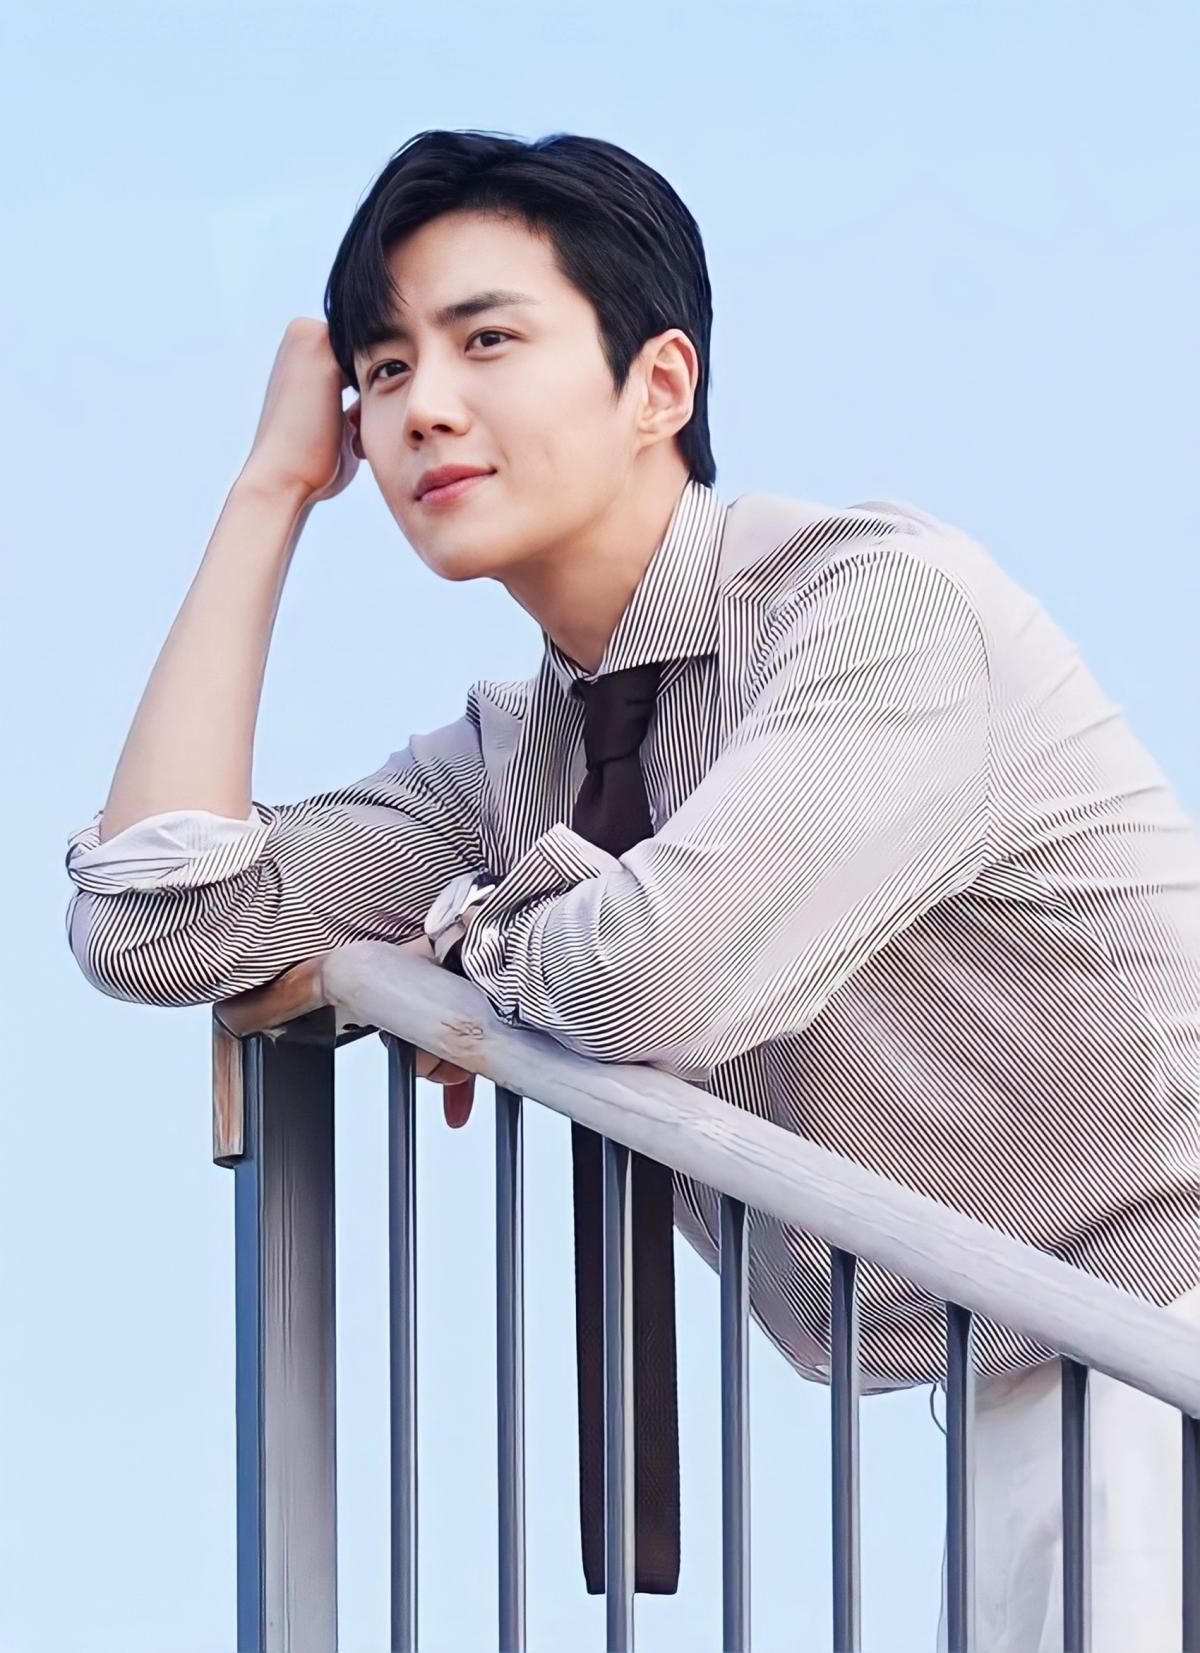 Kim Seon Ho - tài tử đang gây 'sốt' màn ảnh Hàn - VnExpress Giải trí